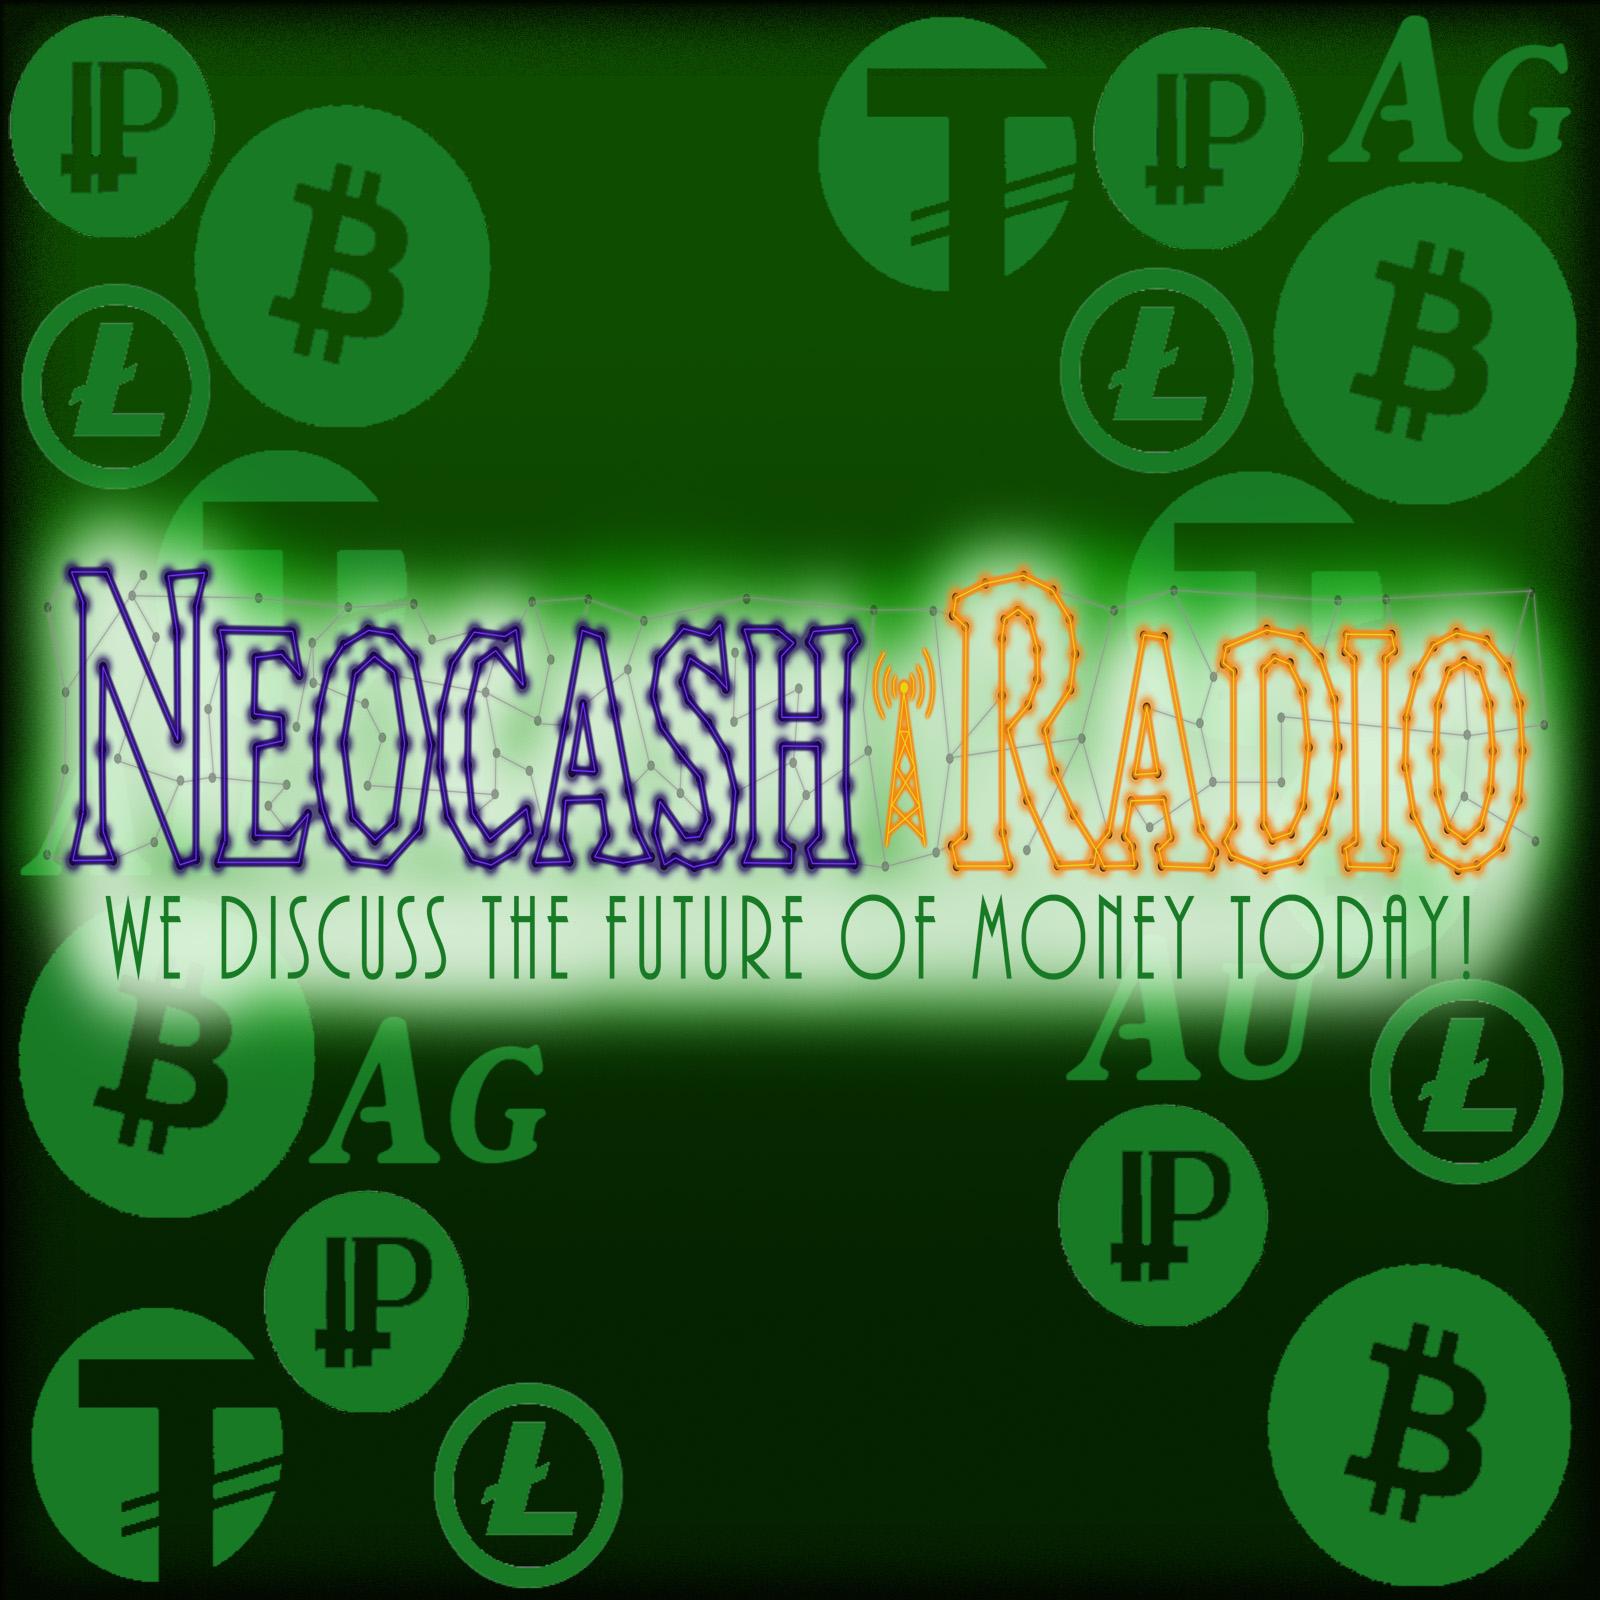 Neocash Radio - Episode 135